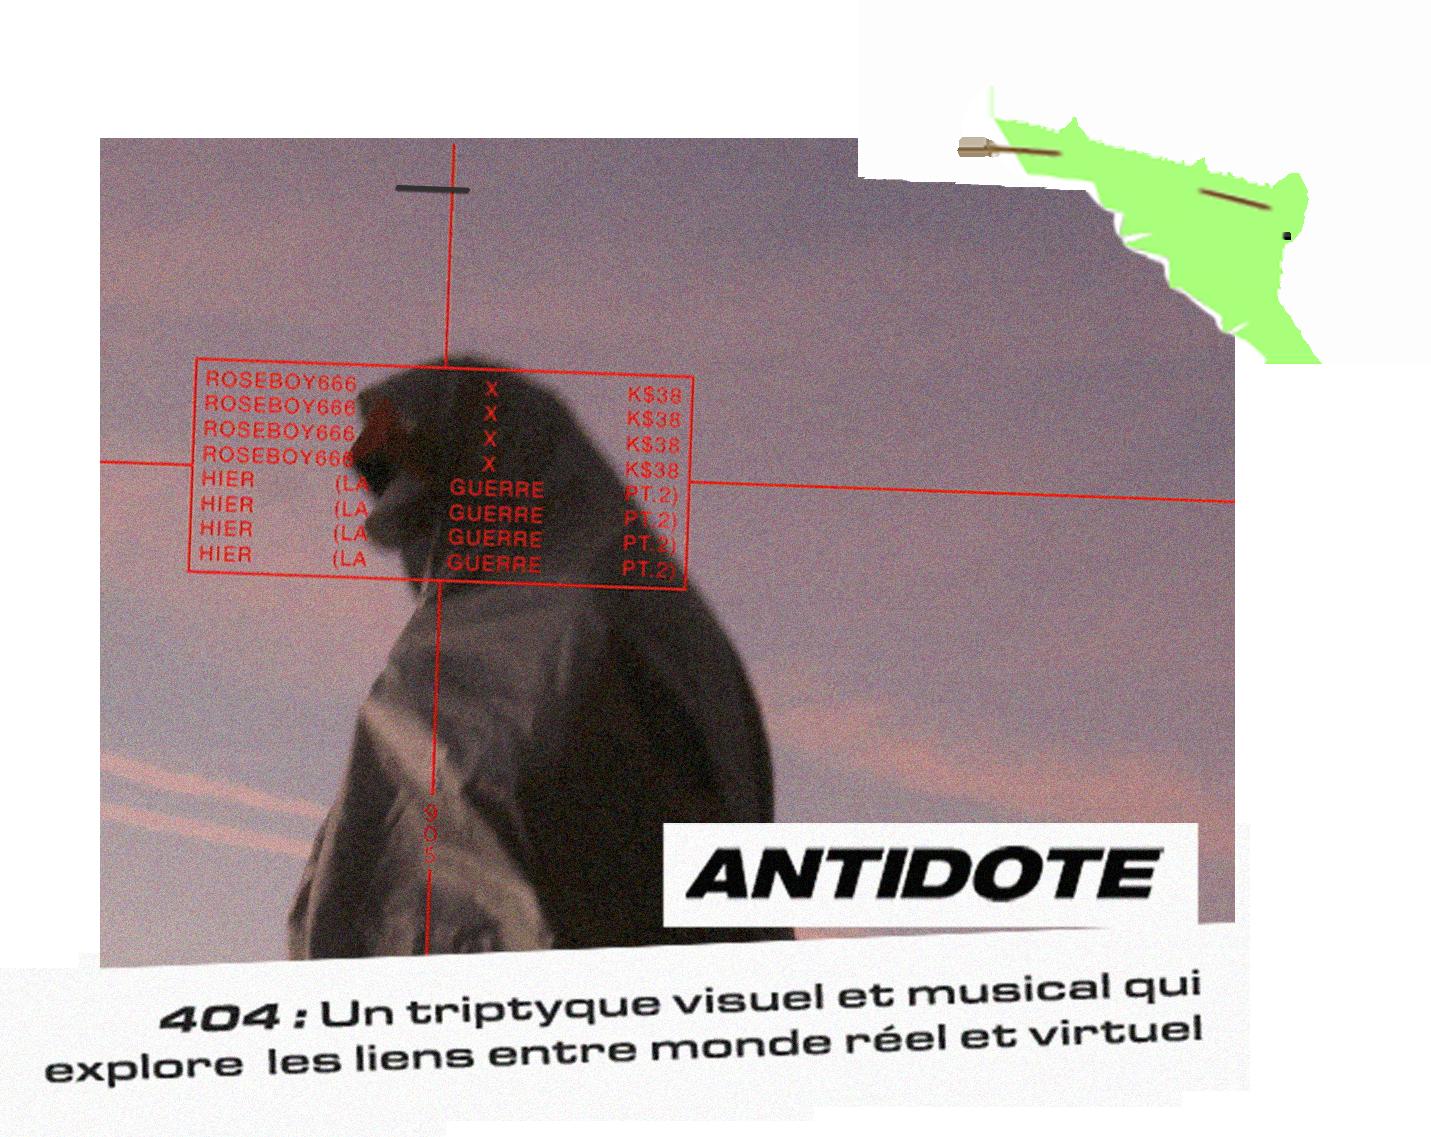 ANTIDOTE 404